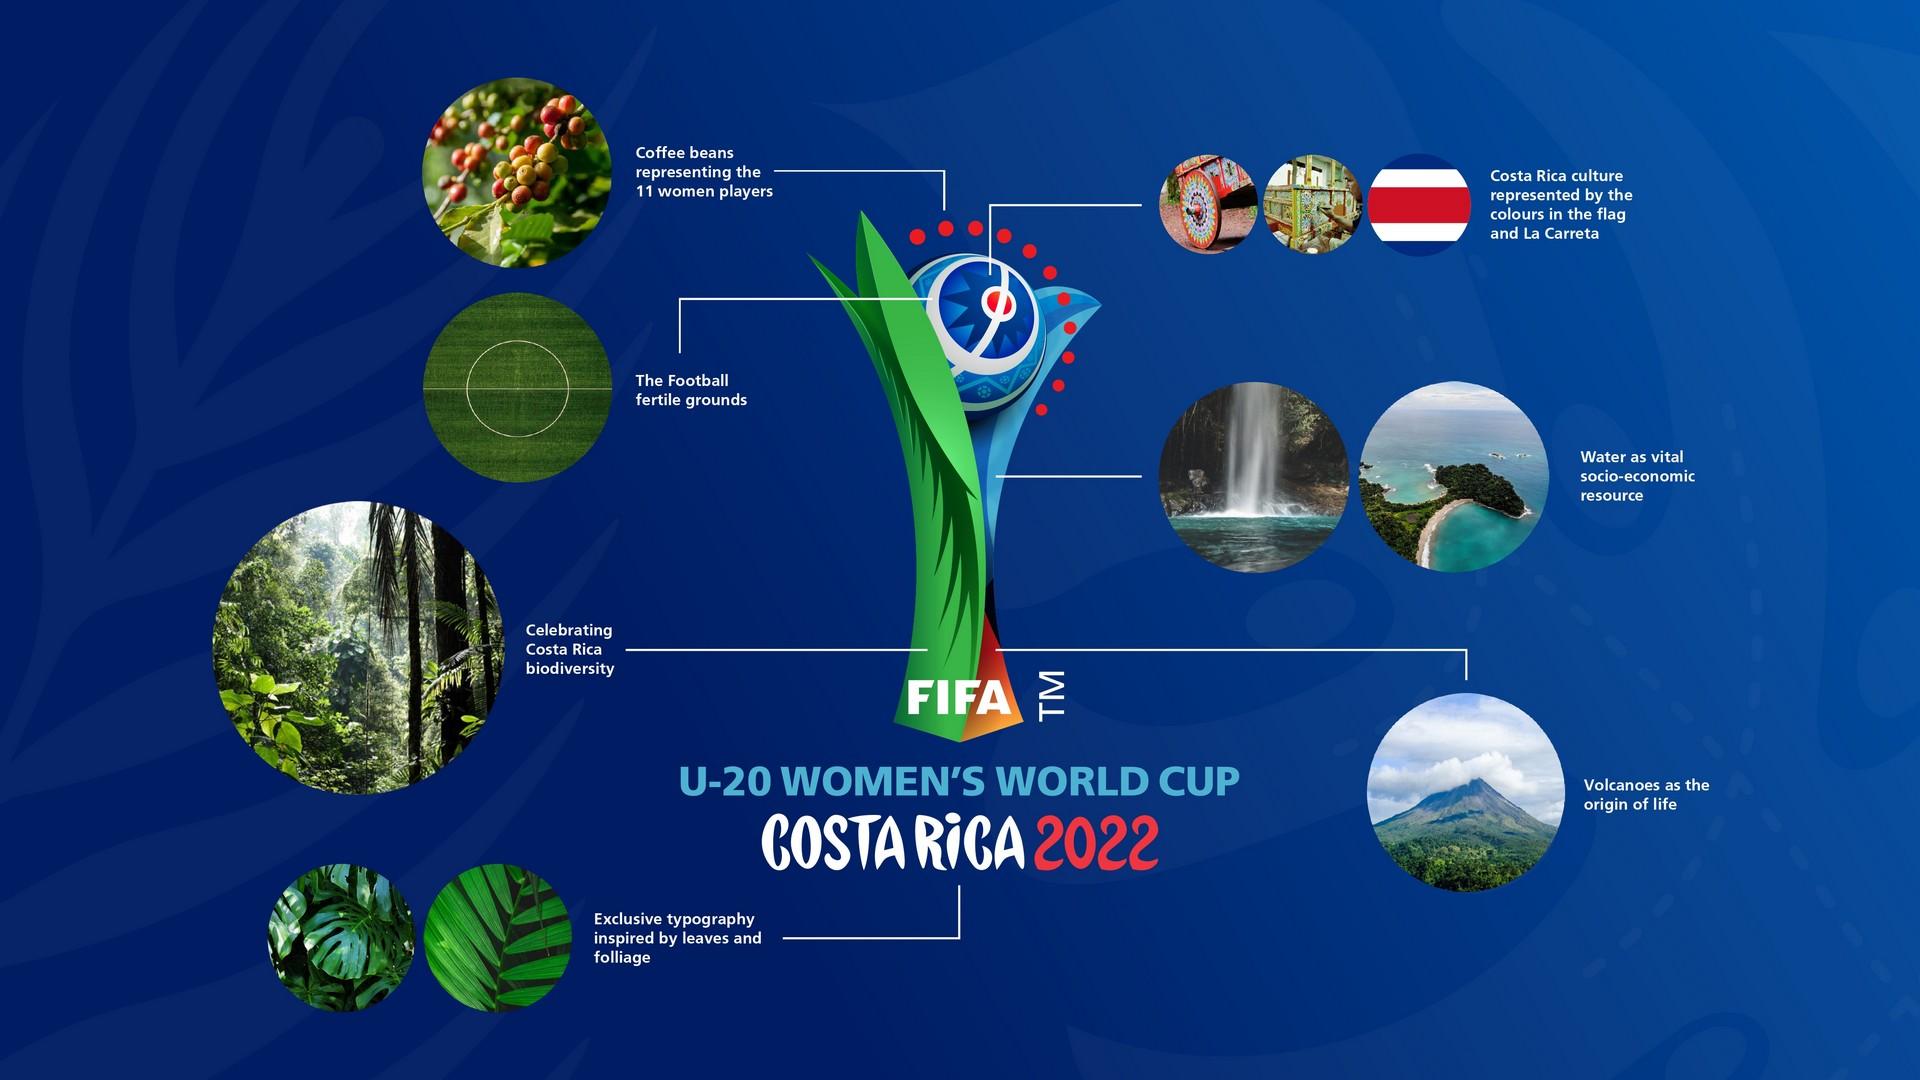 FIFA WWC U20 Costa Rica 2020 (2) logo